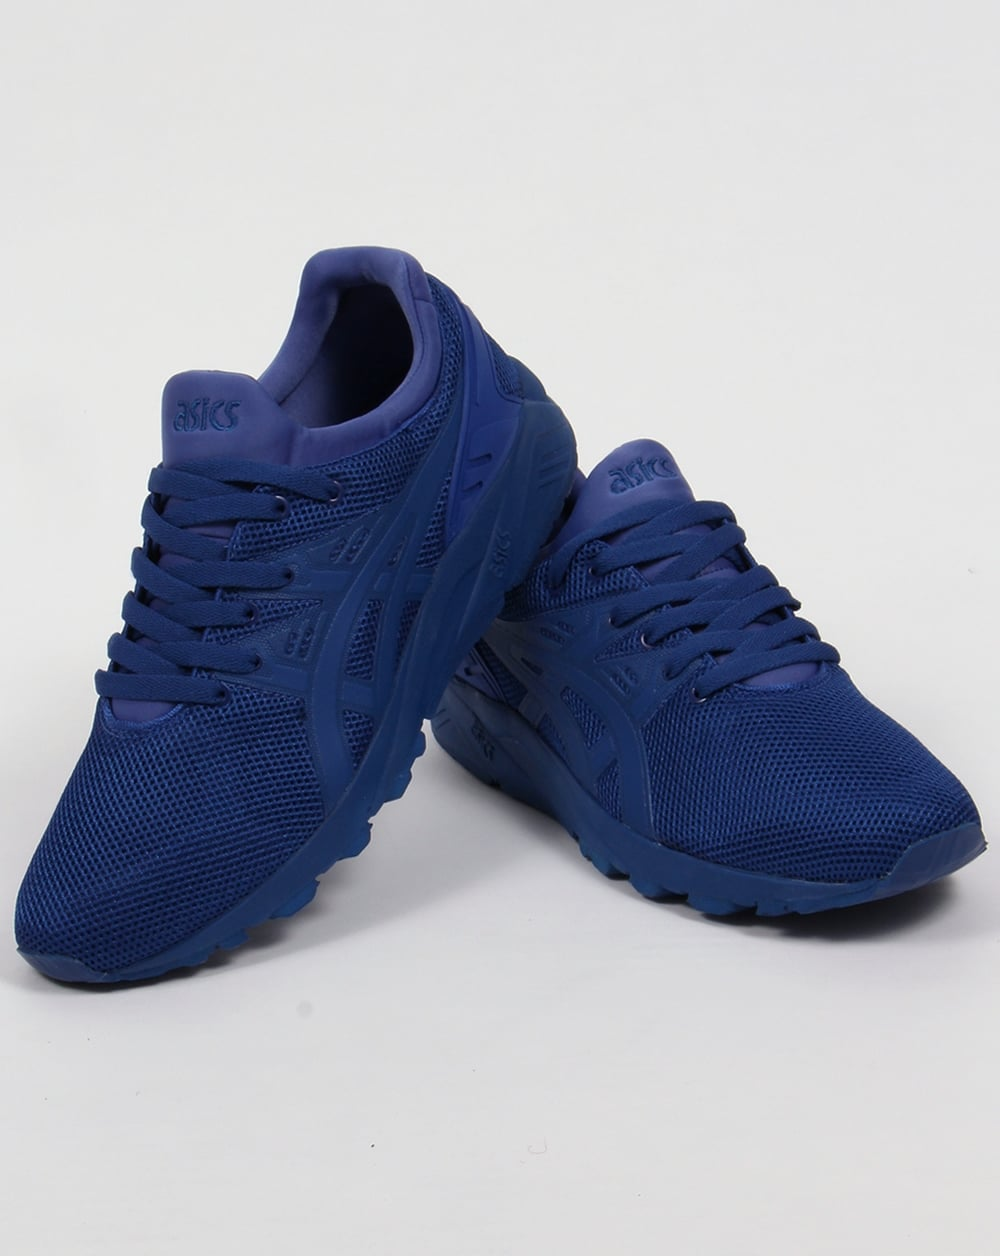 asics blue trainers